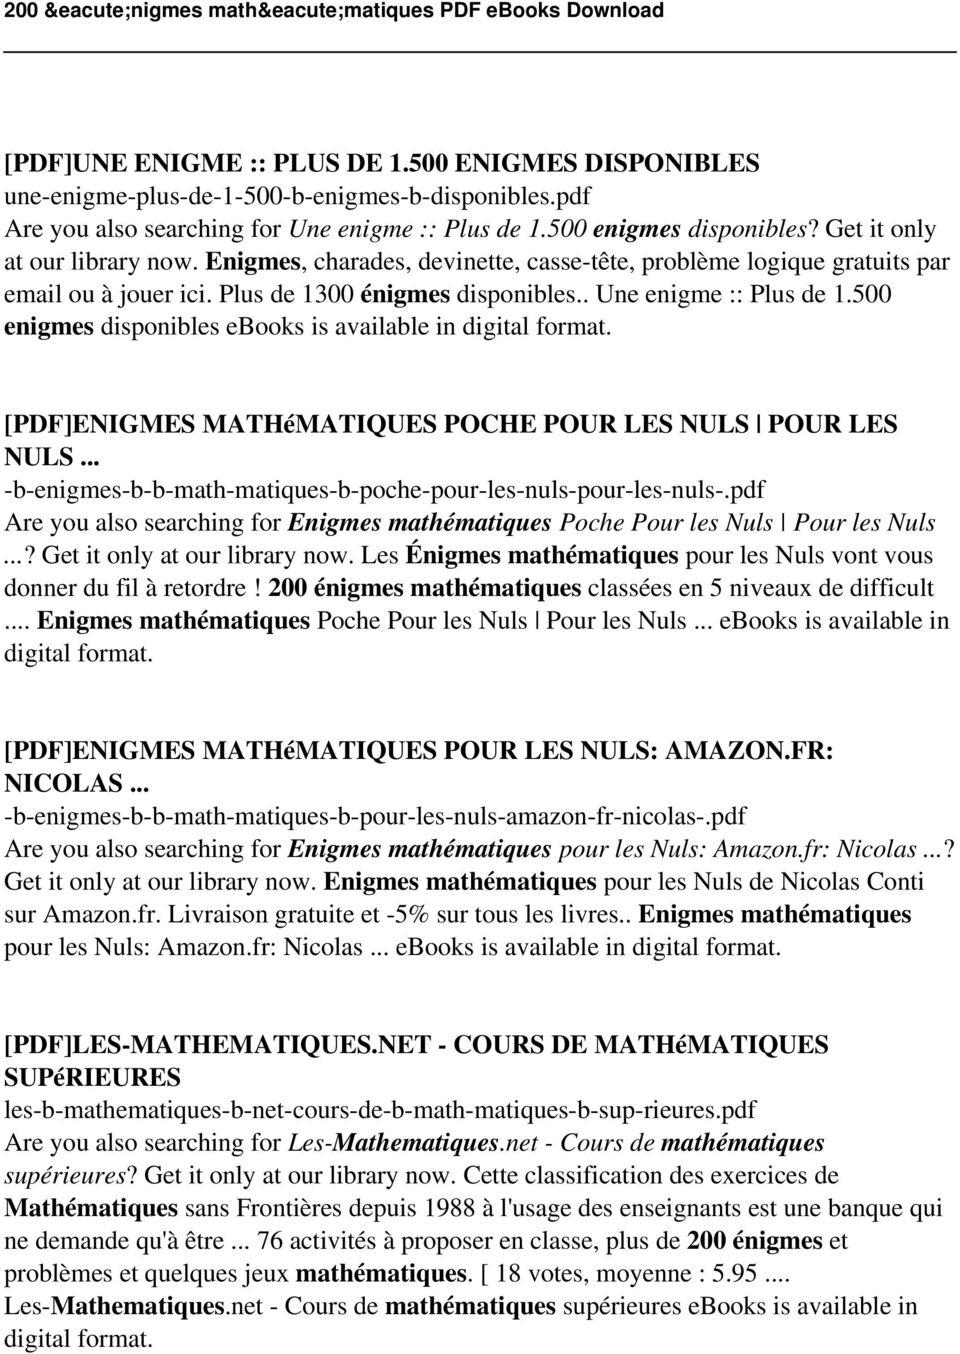 200 Énigmes Mathématiques Pdf - Pdf Free Download intérieur Charade A Imprimer